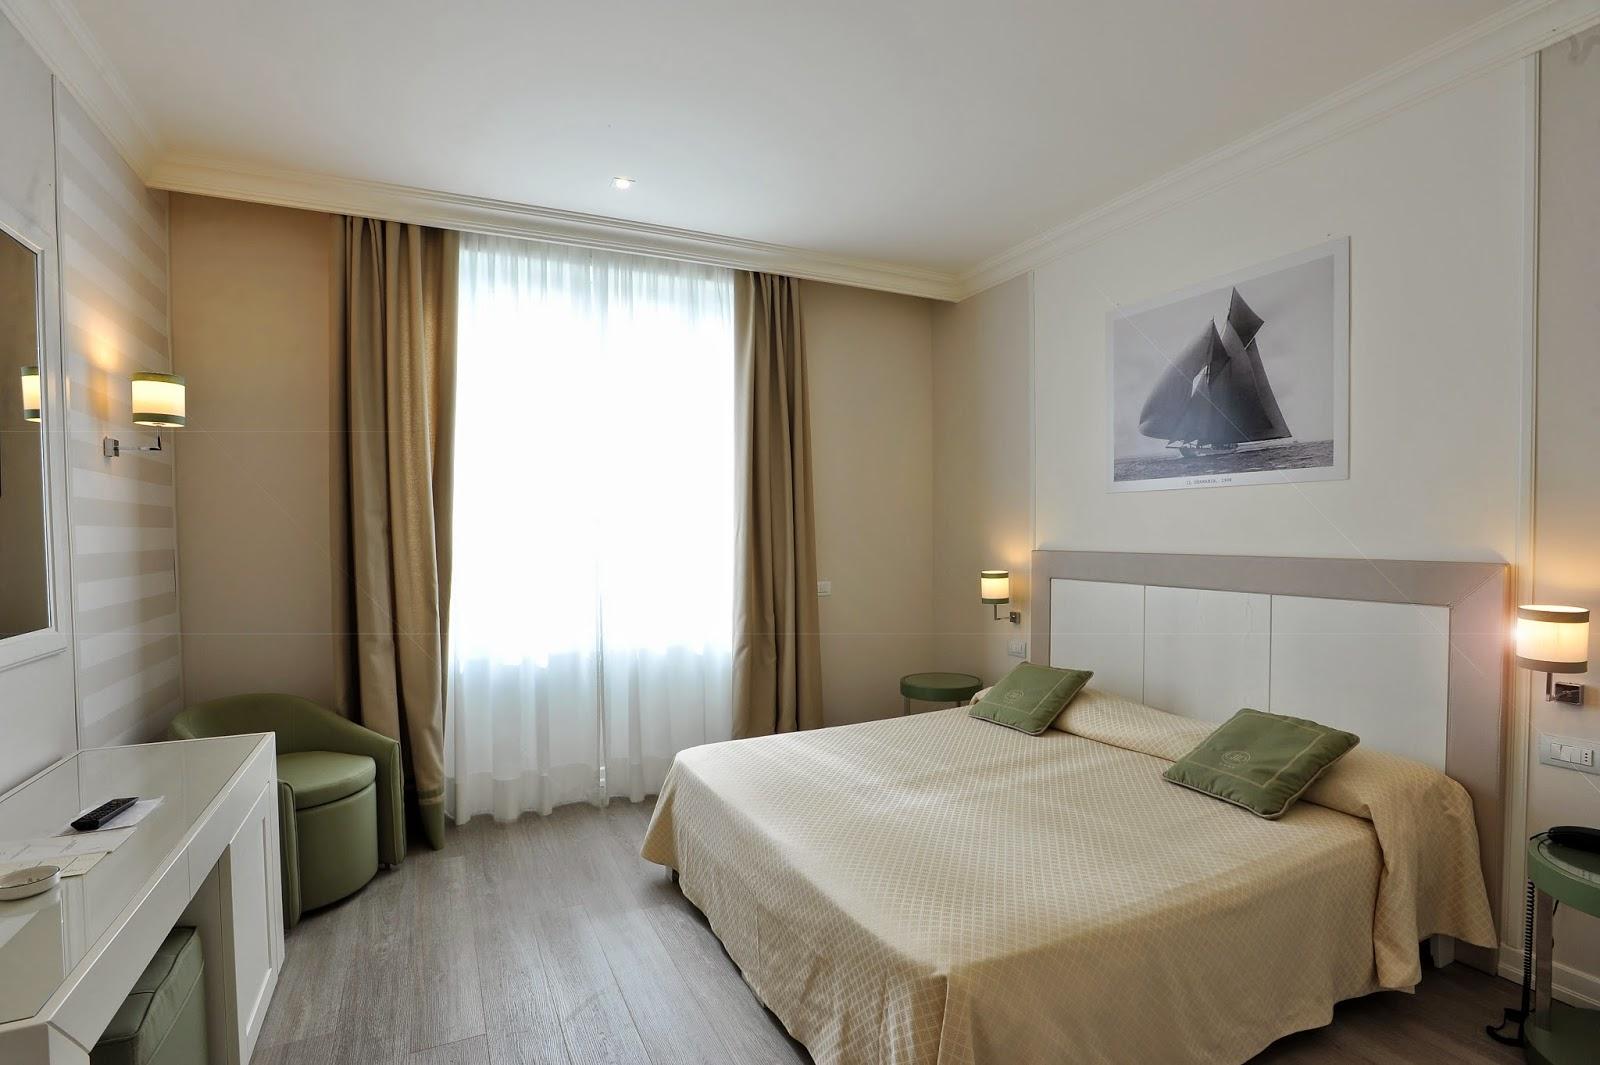 Benessere architettura grand hotel riviera uno for Cabine della foresta lacustre